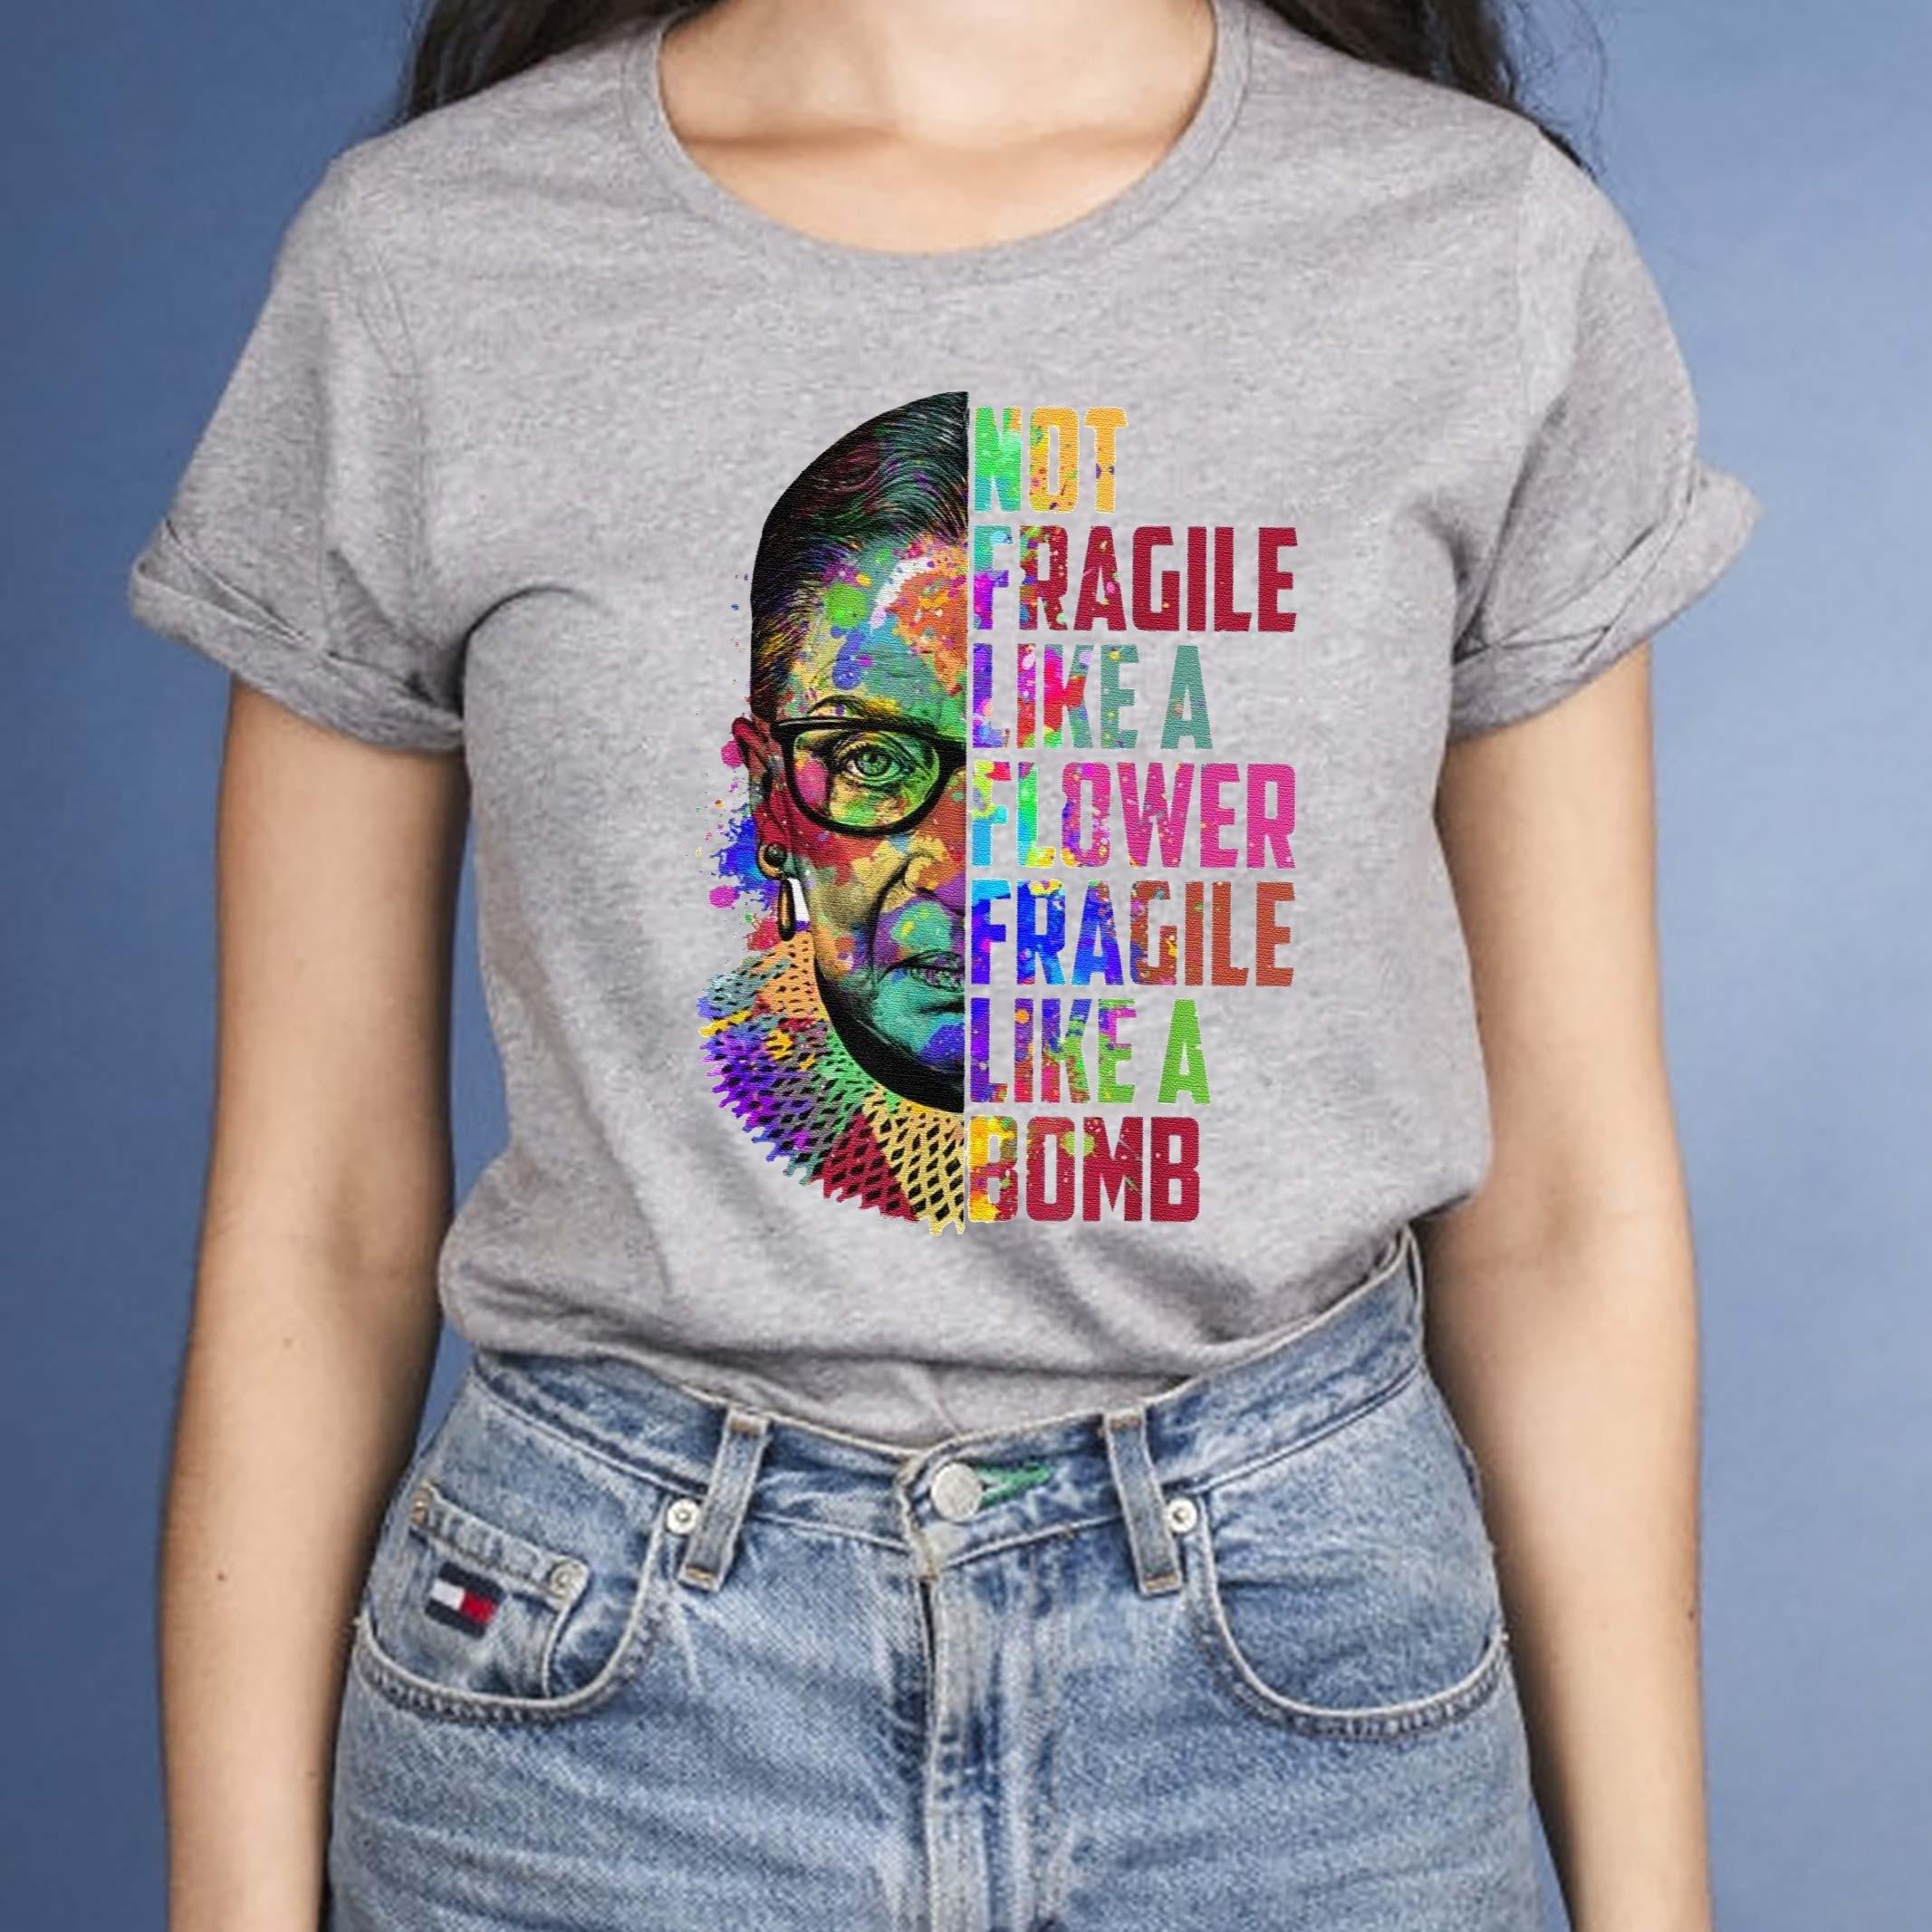 rbg-shirt-not-fragile-like-a-flower-fragile-like-a-bomb-t-shirts